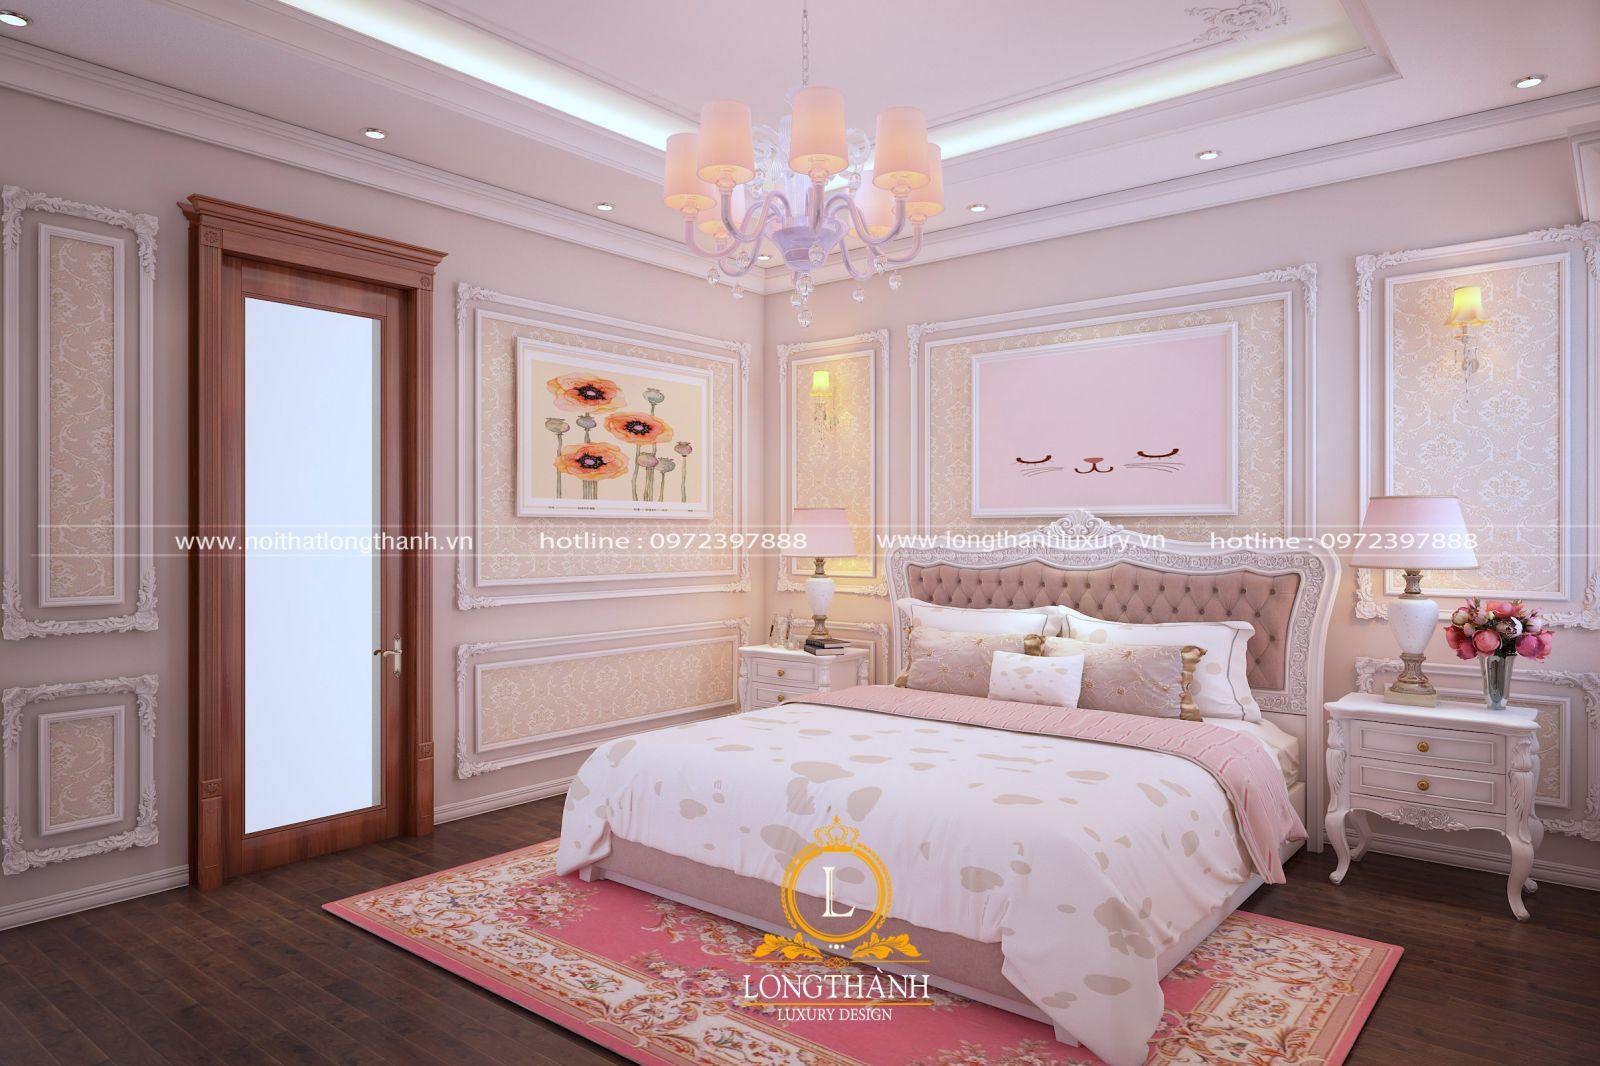 Phòng ngủ tân cổ điển màu hồng thơ mộng